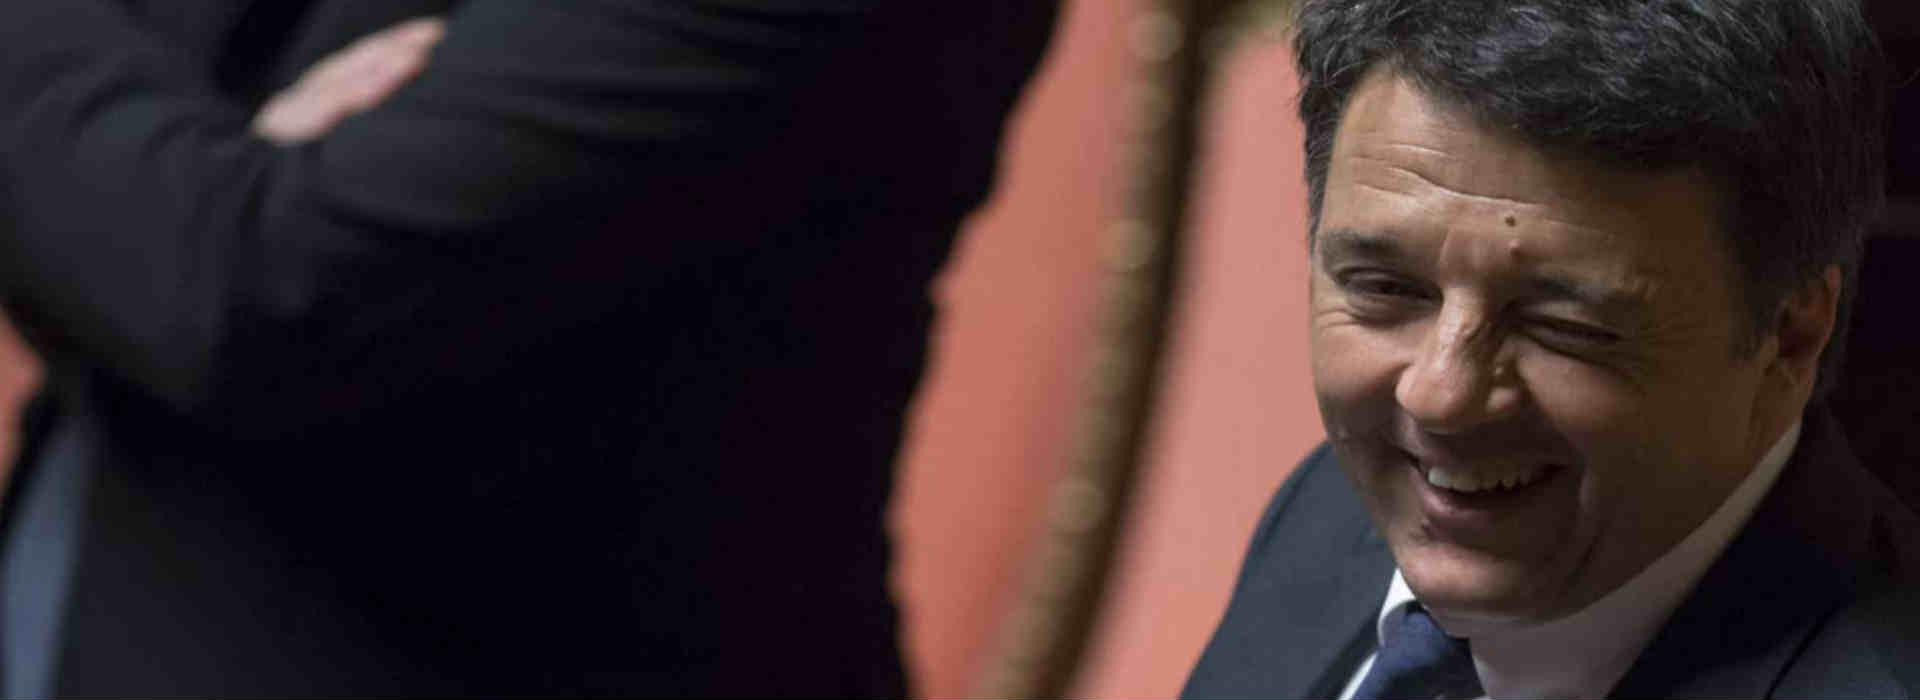 Matteo Renzi fa l'occhiolino in parlamento